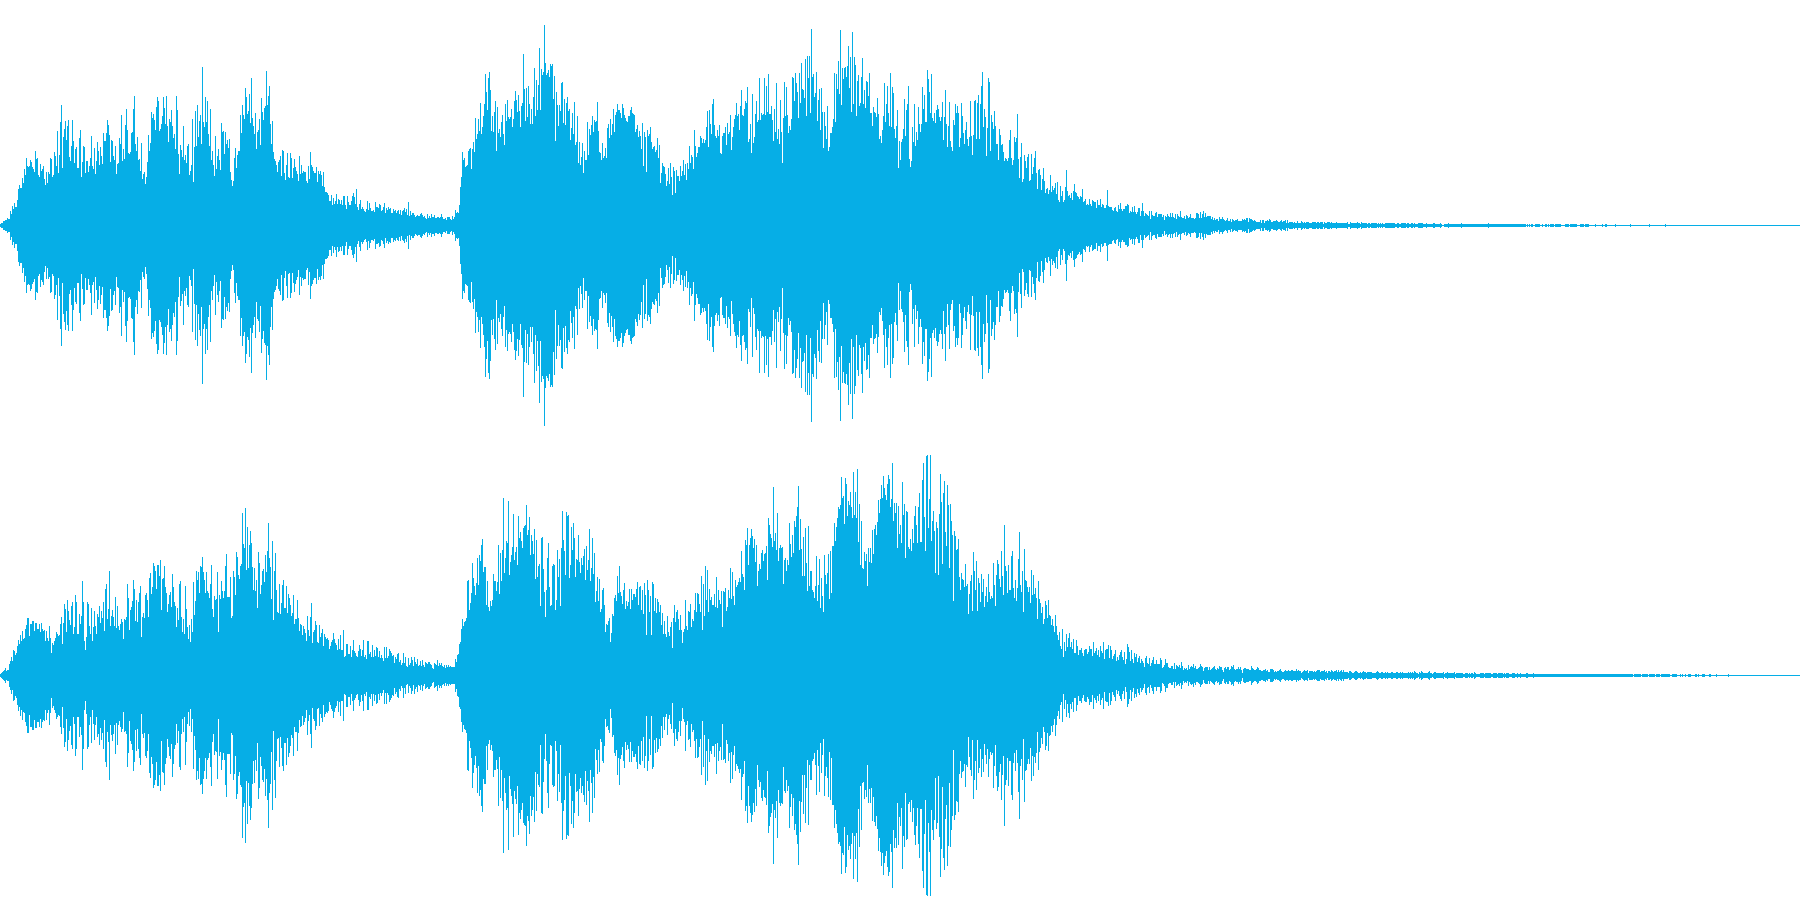 管弦楽によるかわいいジングルの再生済みの波形